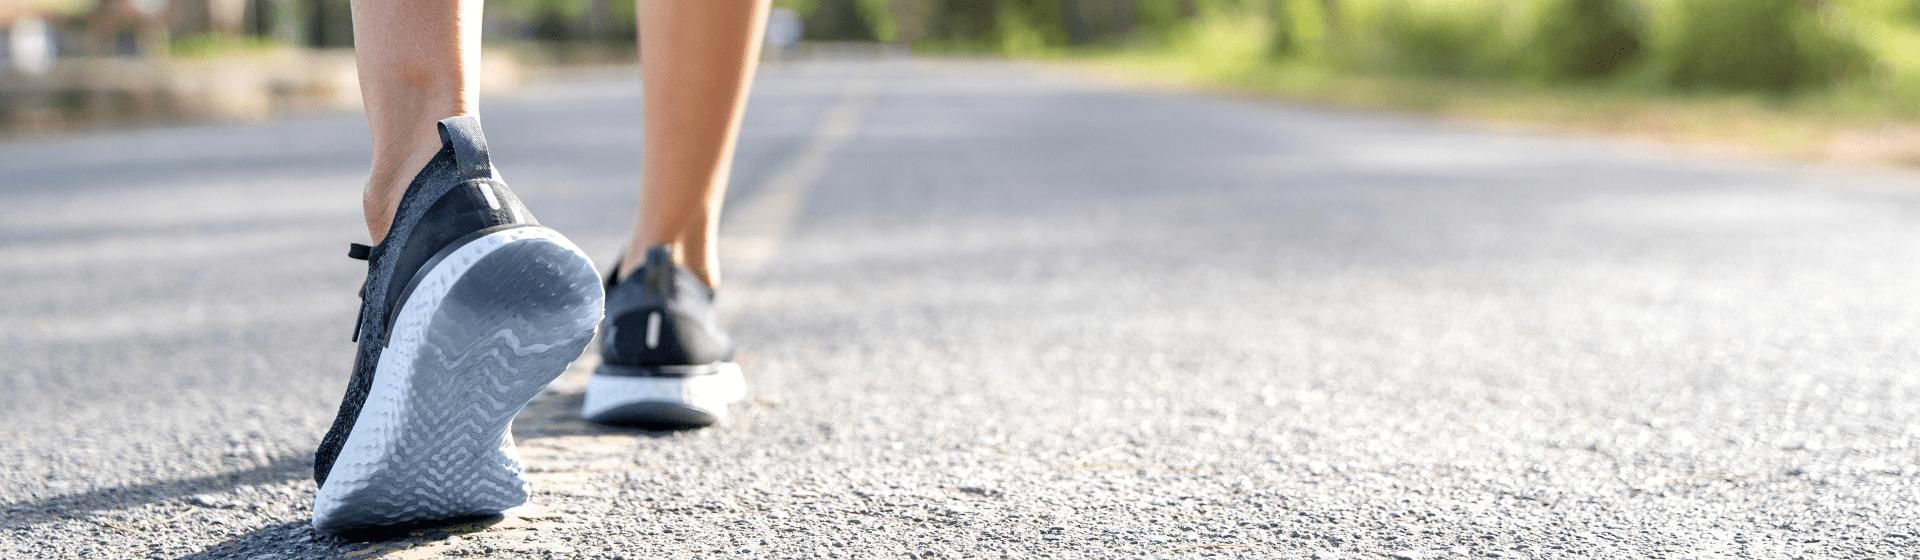 Veja os tênis para caminhada mais vendidos no Buscapé